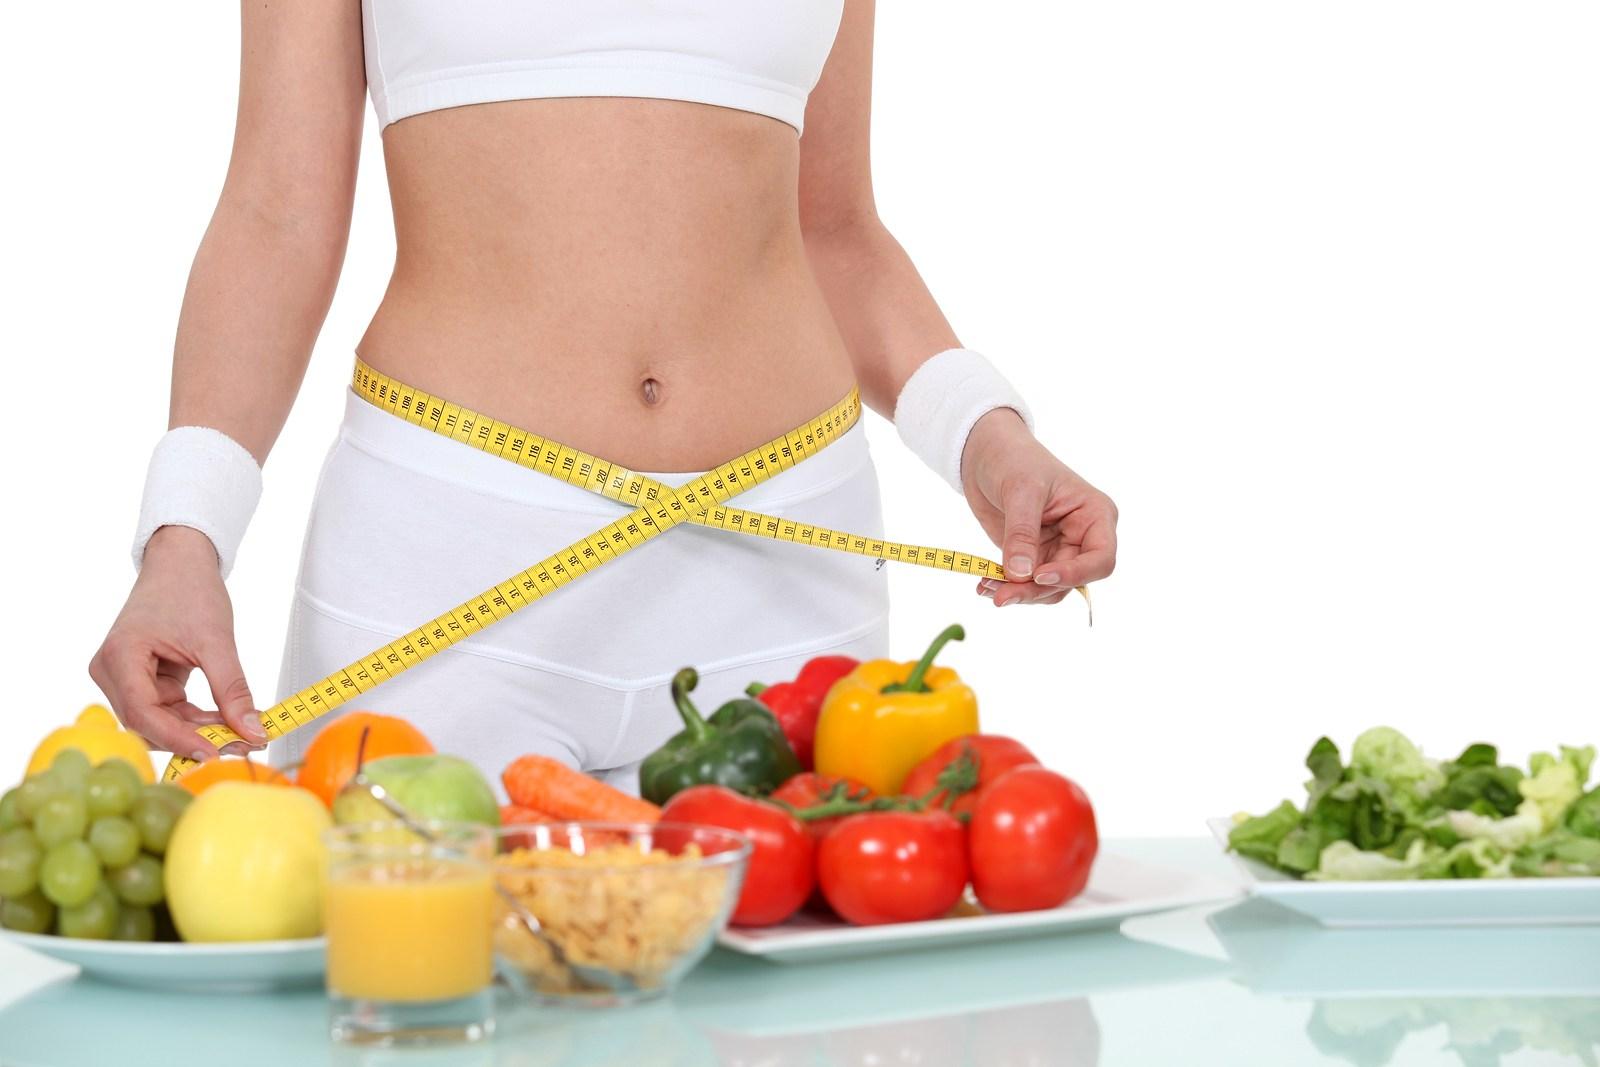 Měření tělesného složení